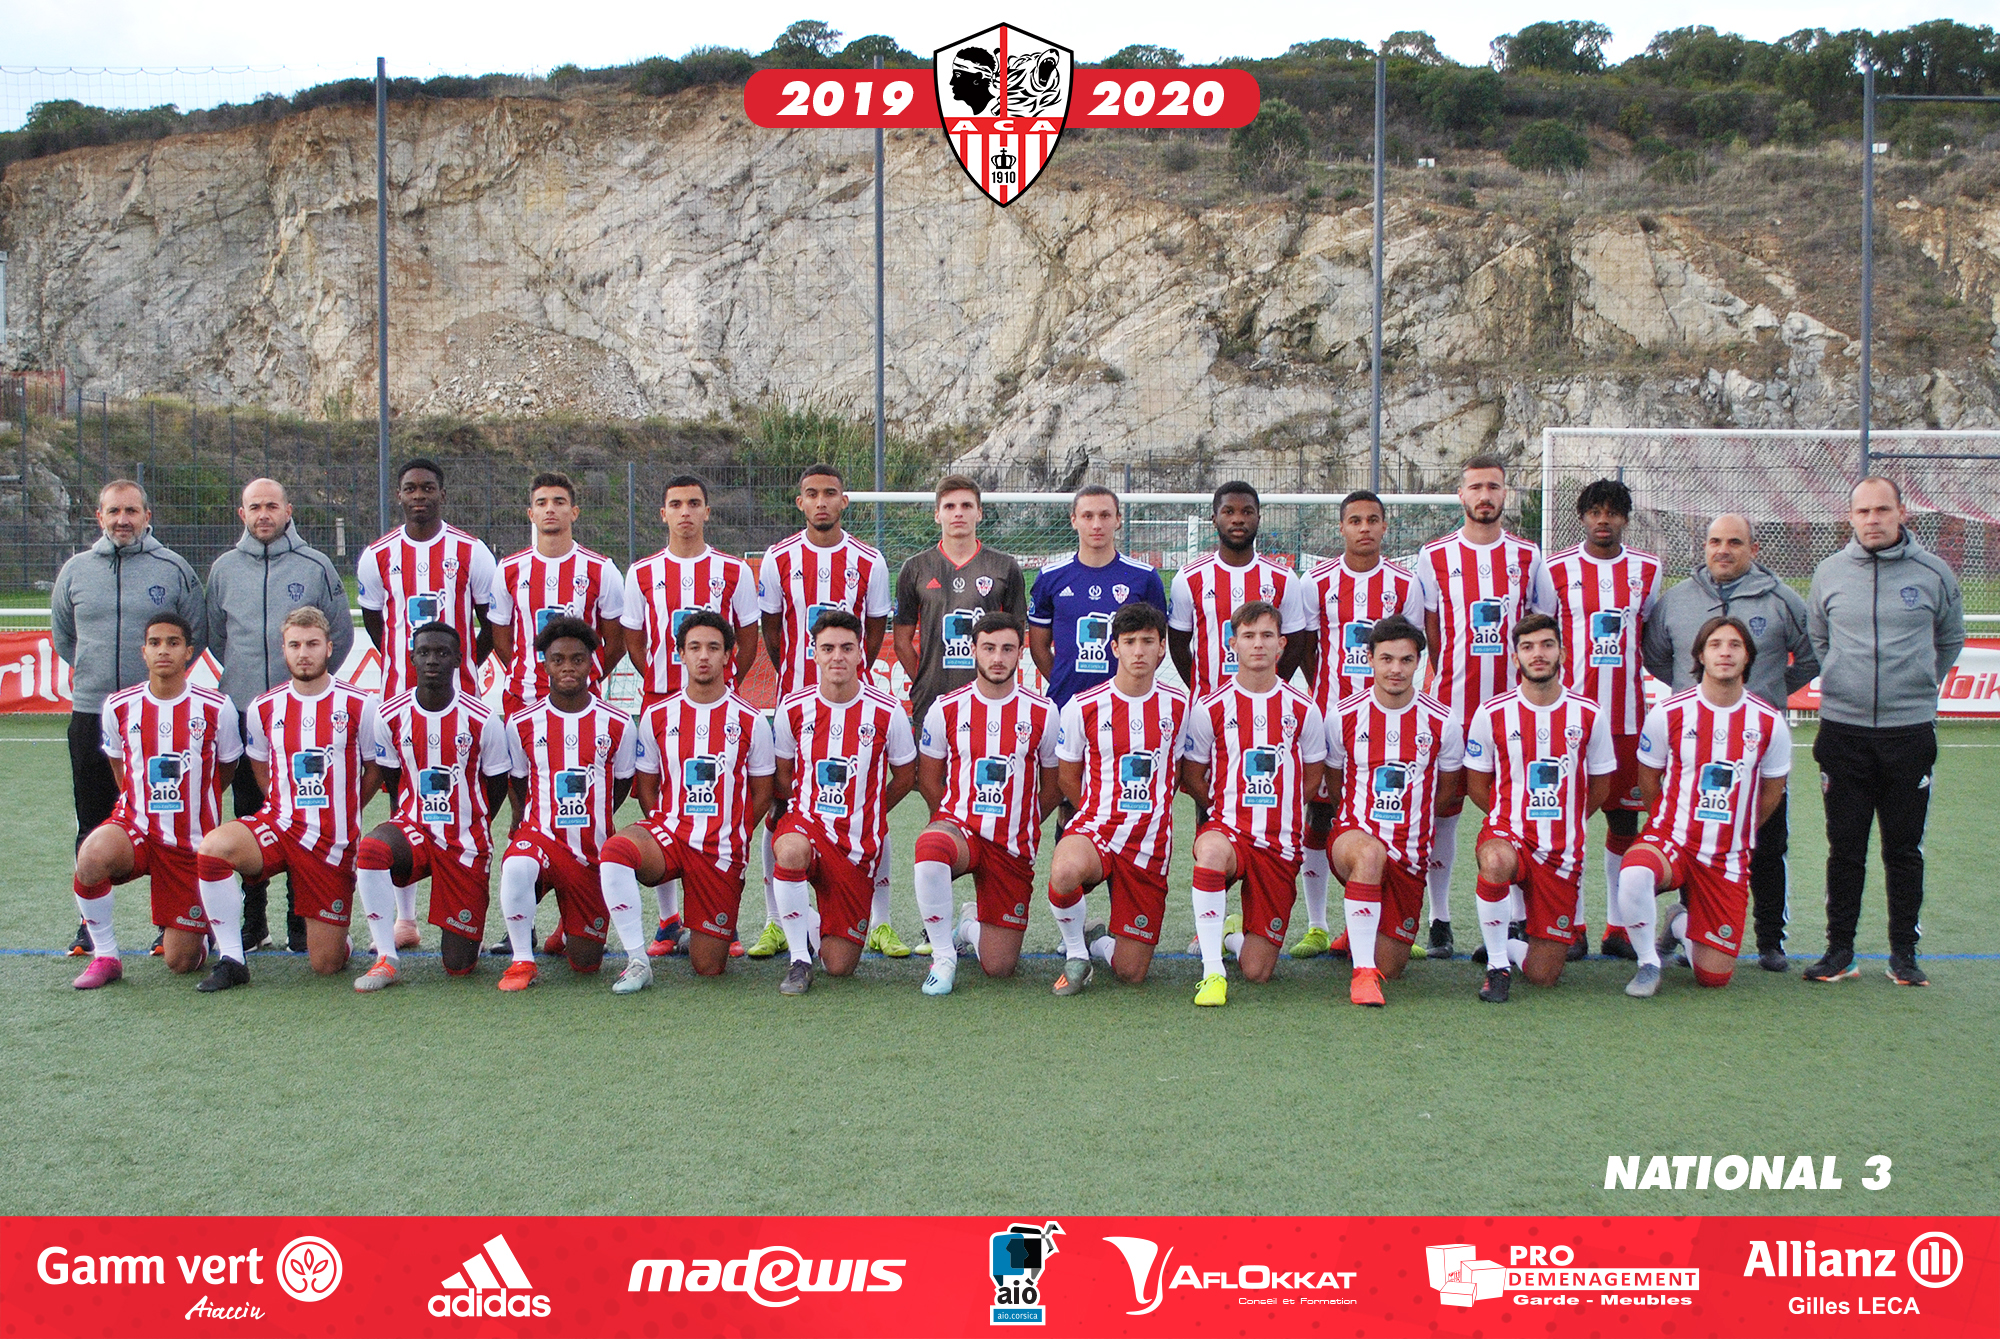 Equipe National 3 AC Ajaccio 2019-20